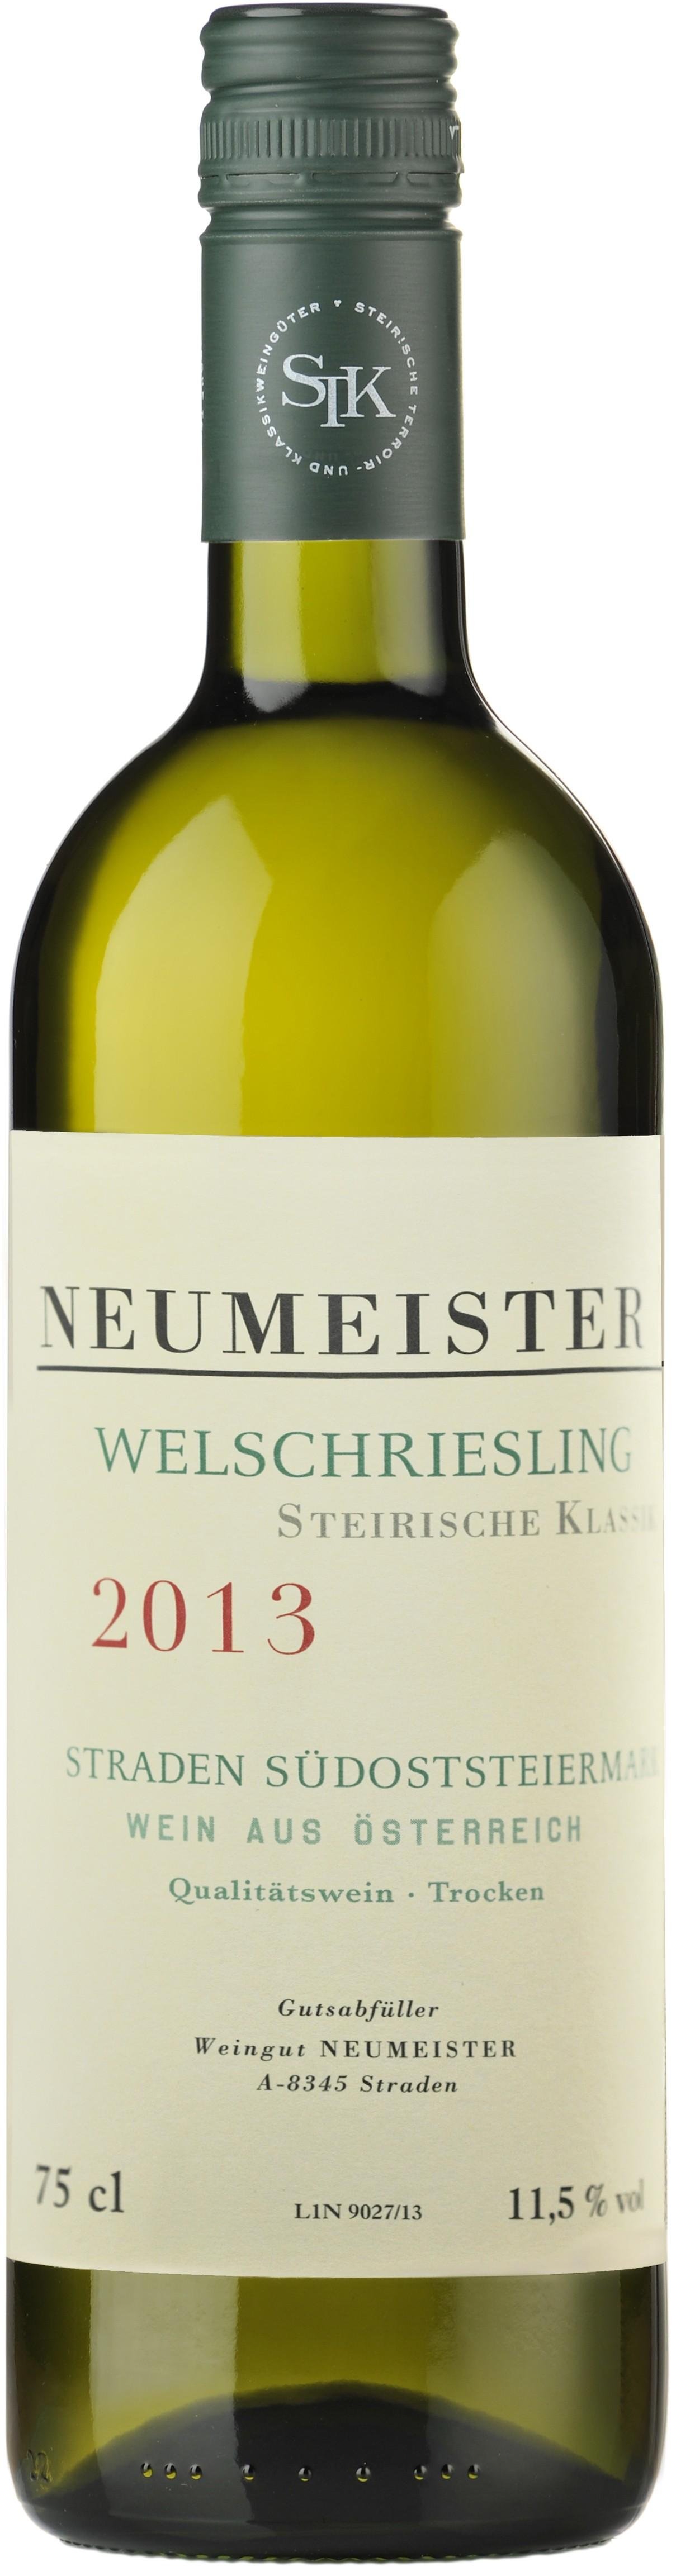 Neumeister - Welschriesling Steirische Klassik, 2015